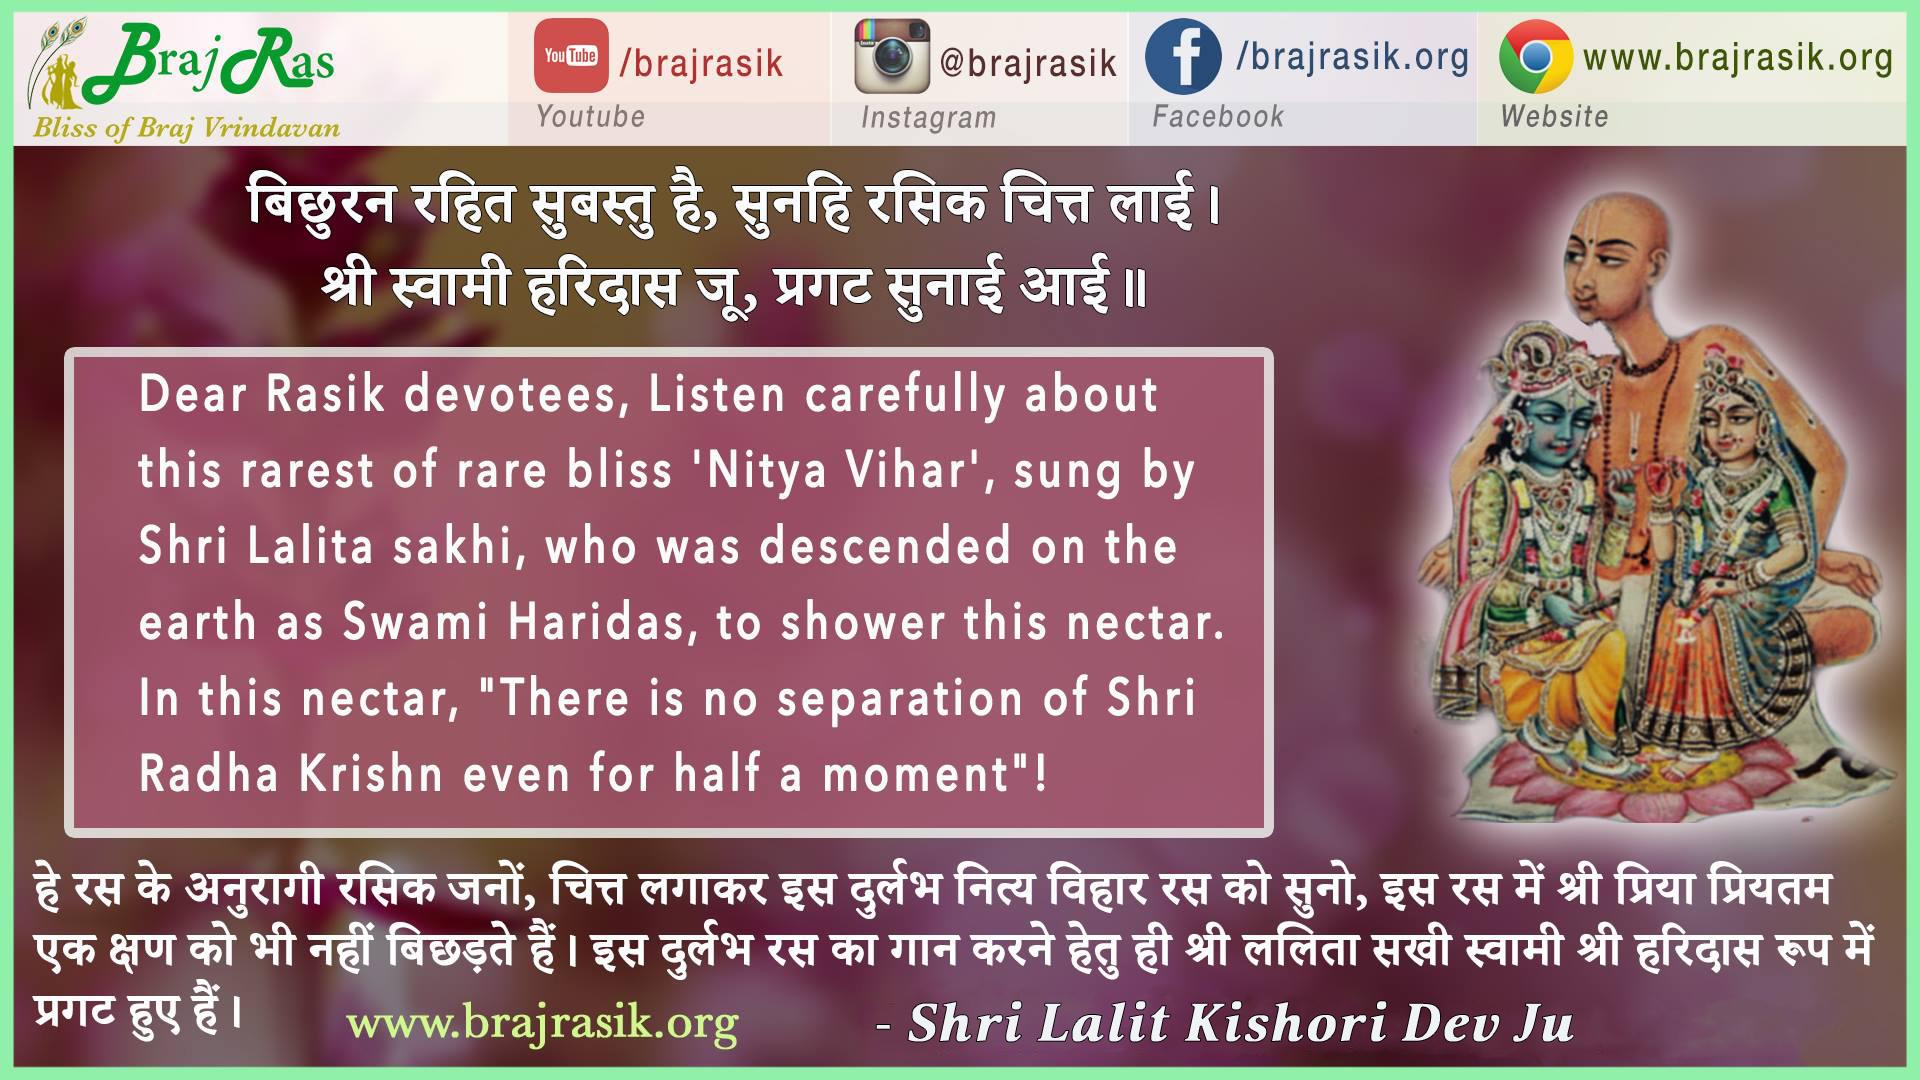 Bichuran Rahit Subastu Hai, Sunhi Rasik Chita Laai - Shri Lalit Kishori Dev